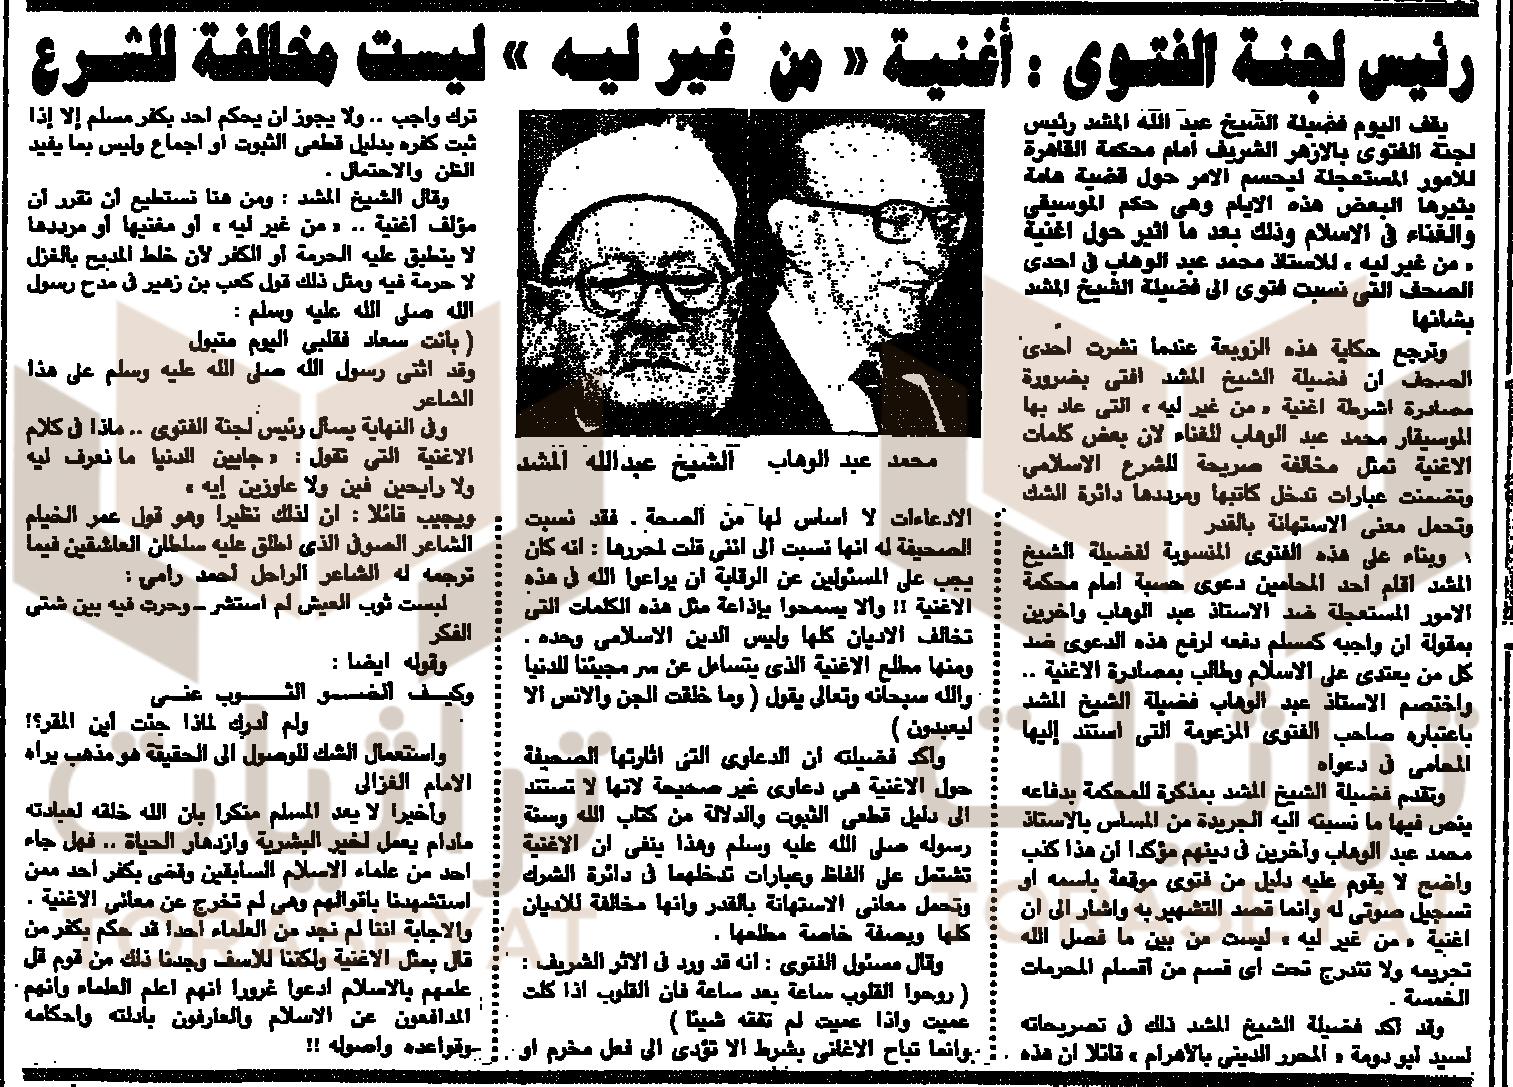 رد الشيخ عبدالله المشد على تحريم أغنية من غير ليه